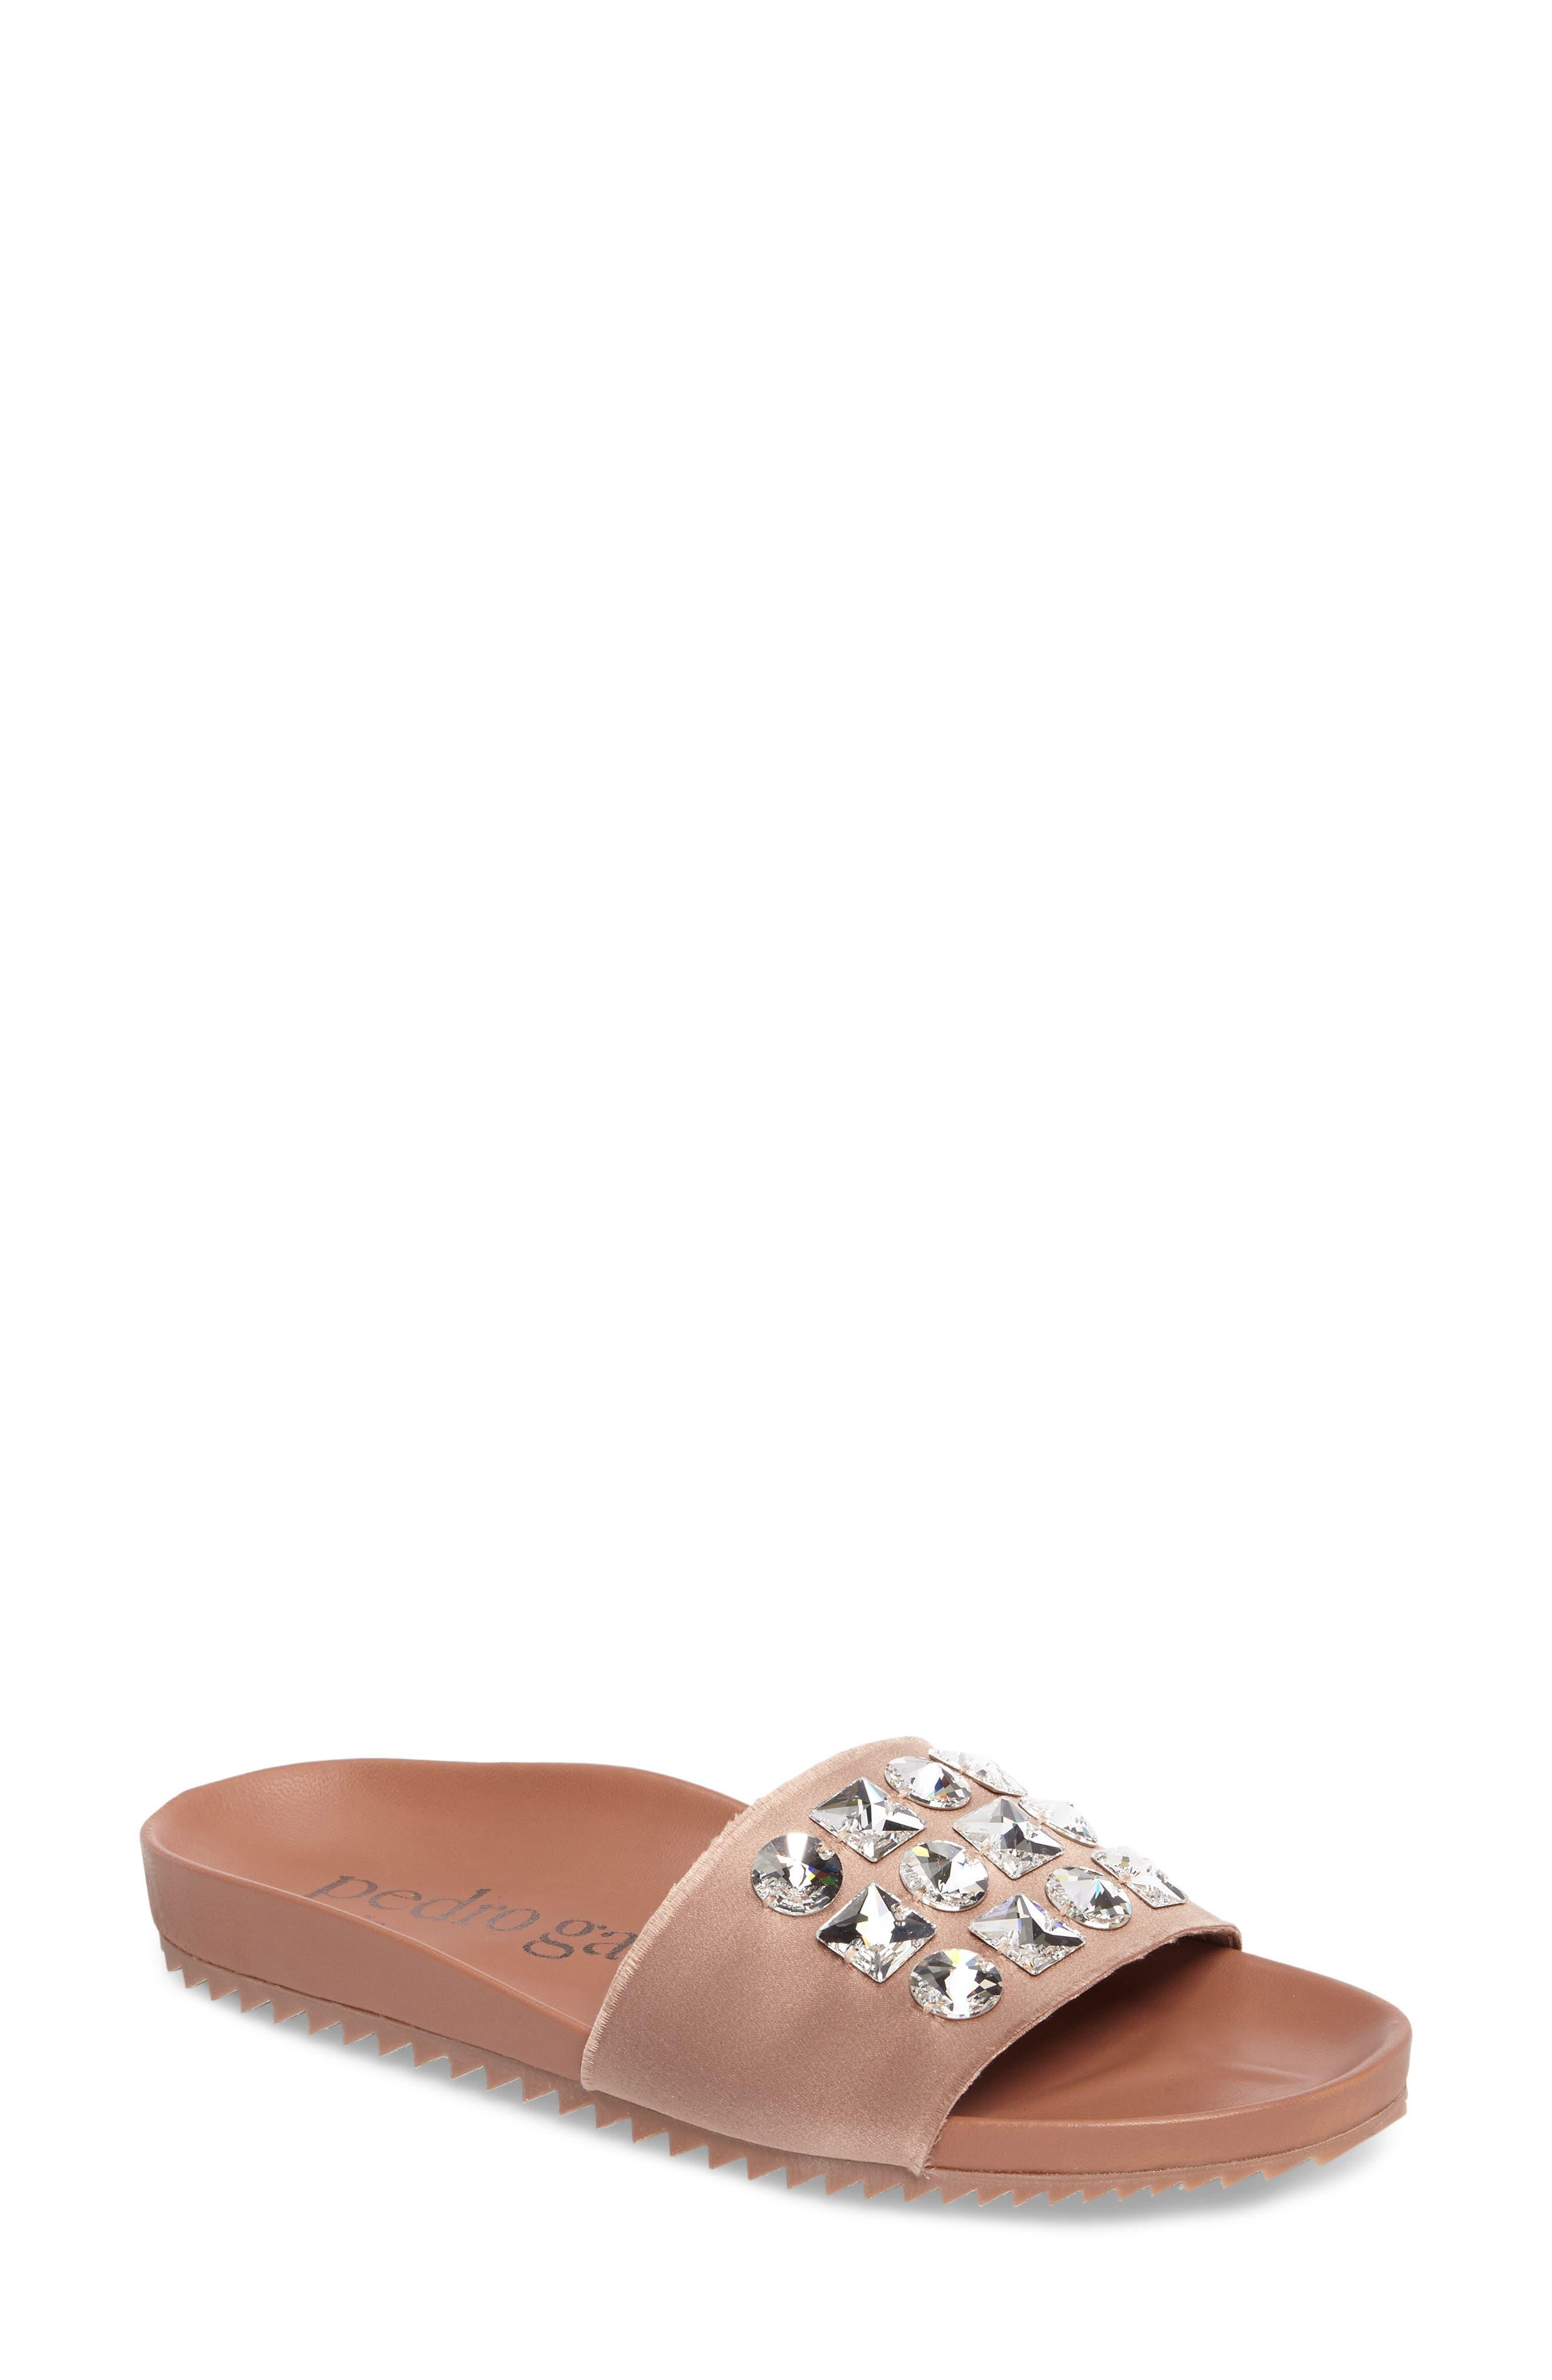 Amery Crystal Slide Sandal,                         Main,                         color, Bisque Satin